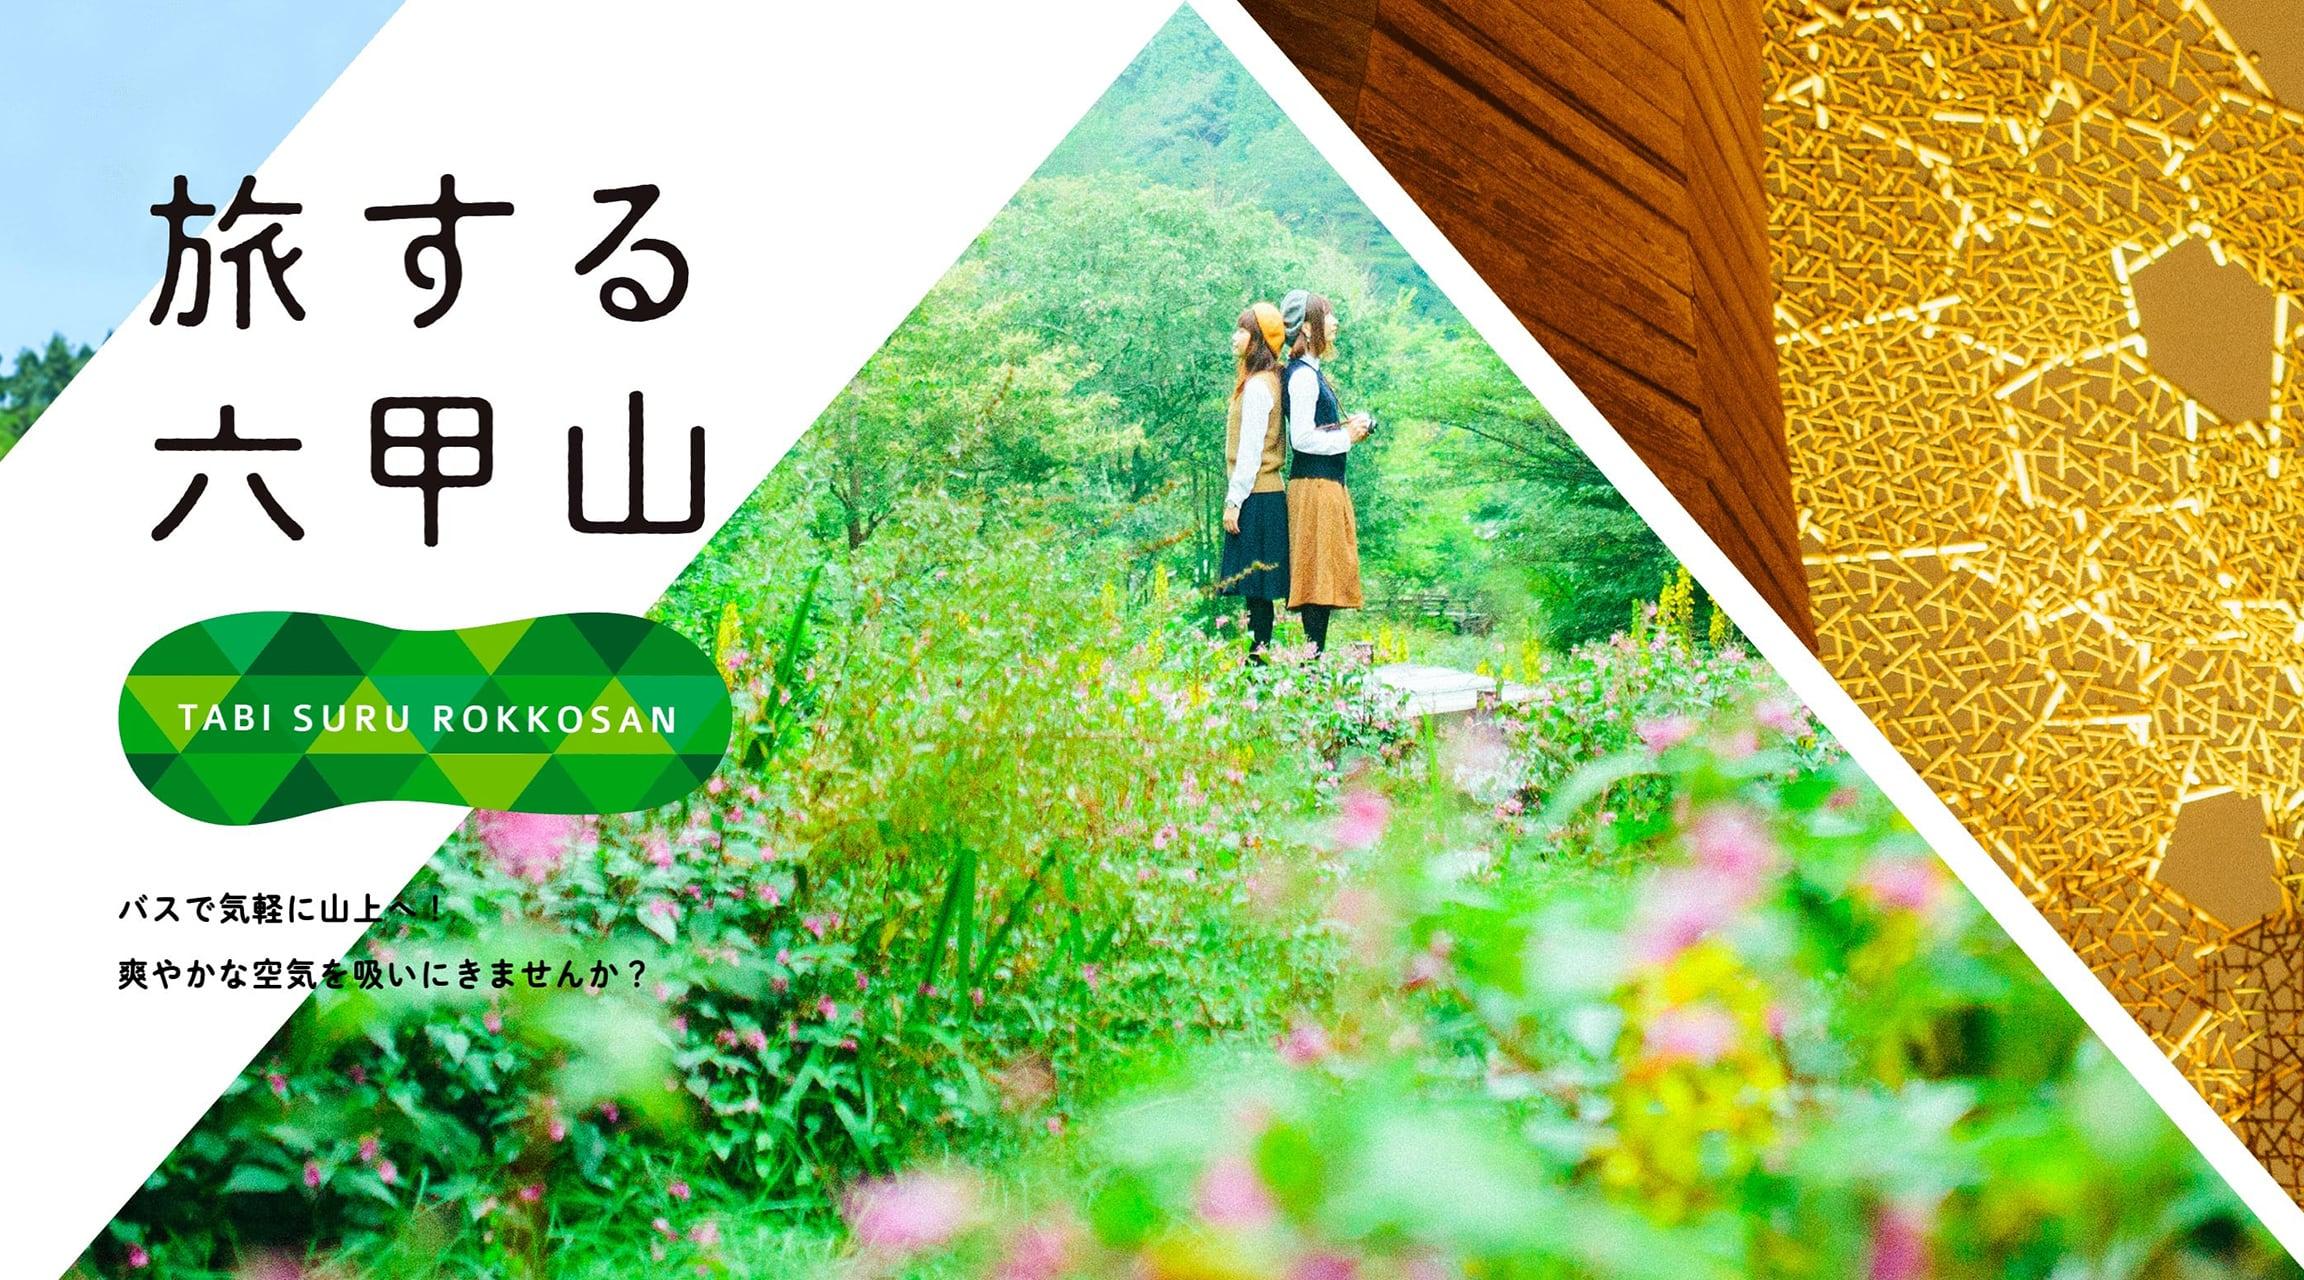 六甲山 観光 株式 会社 2021年4月3日(土)オープン 六甲山アスレチックパークGREENIA(グリーニア)...